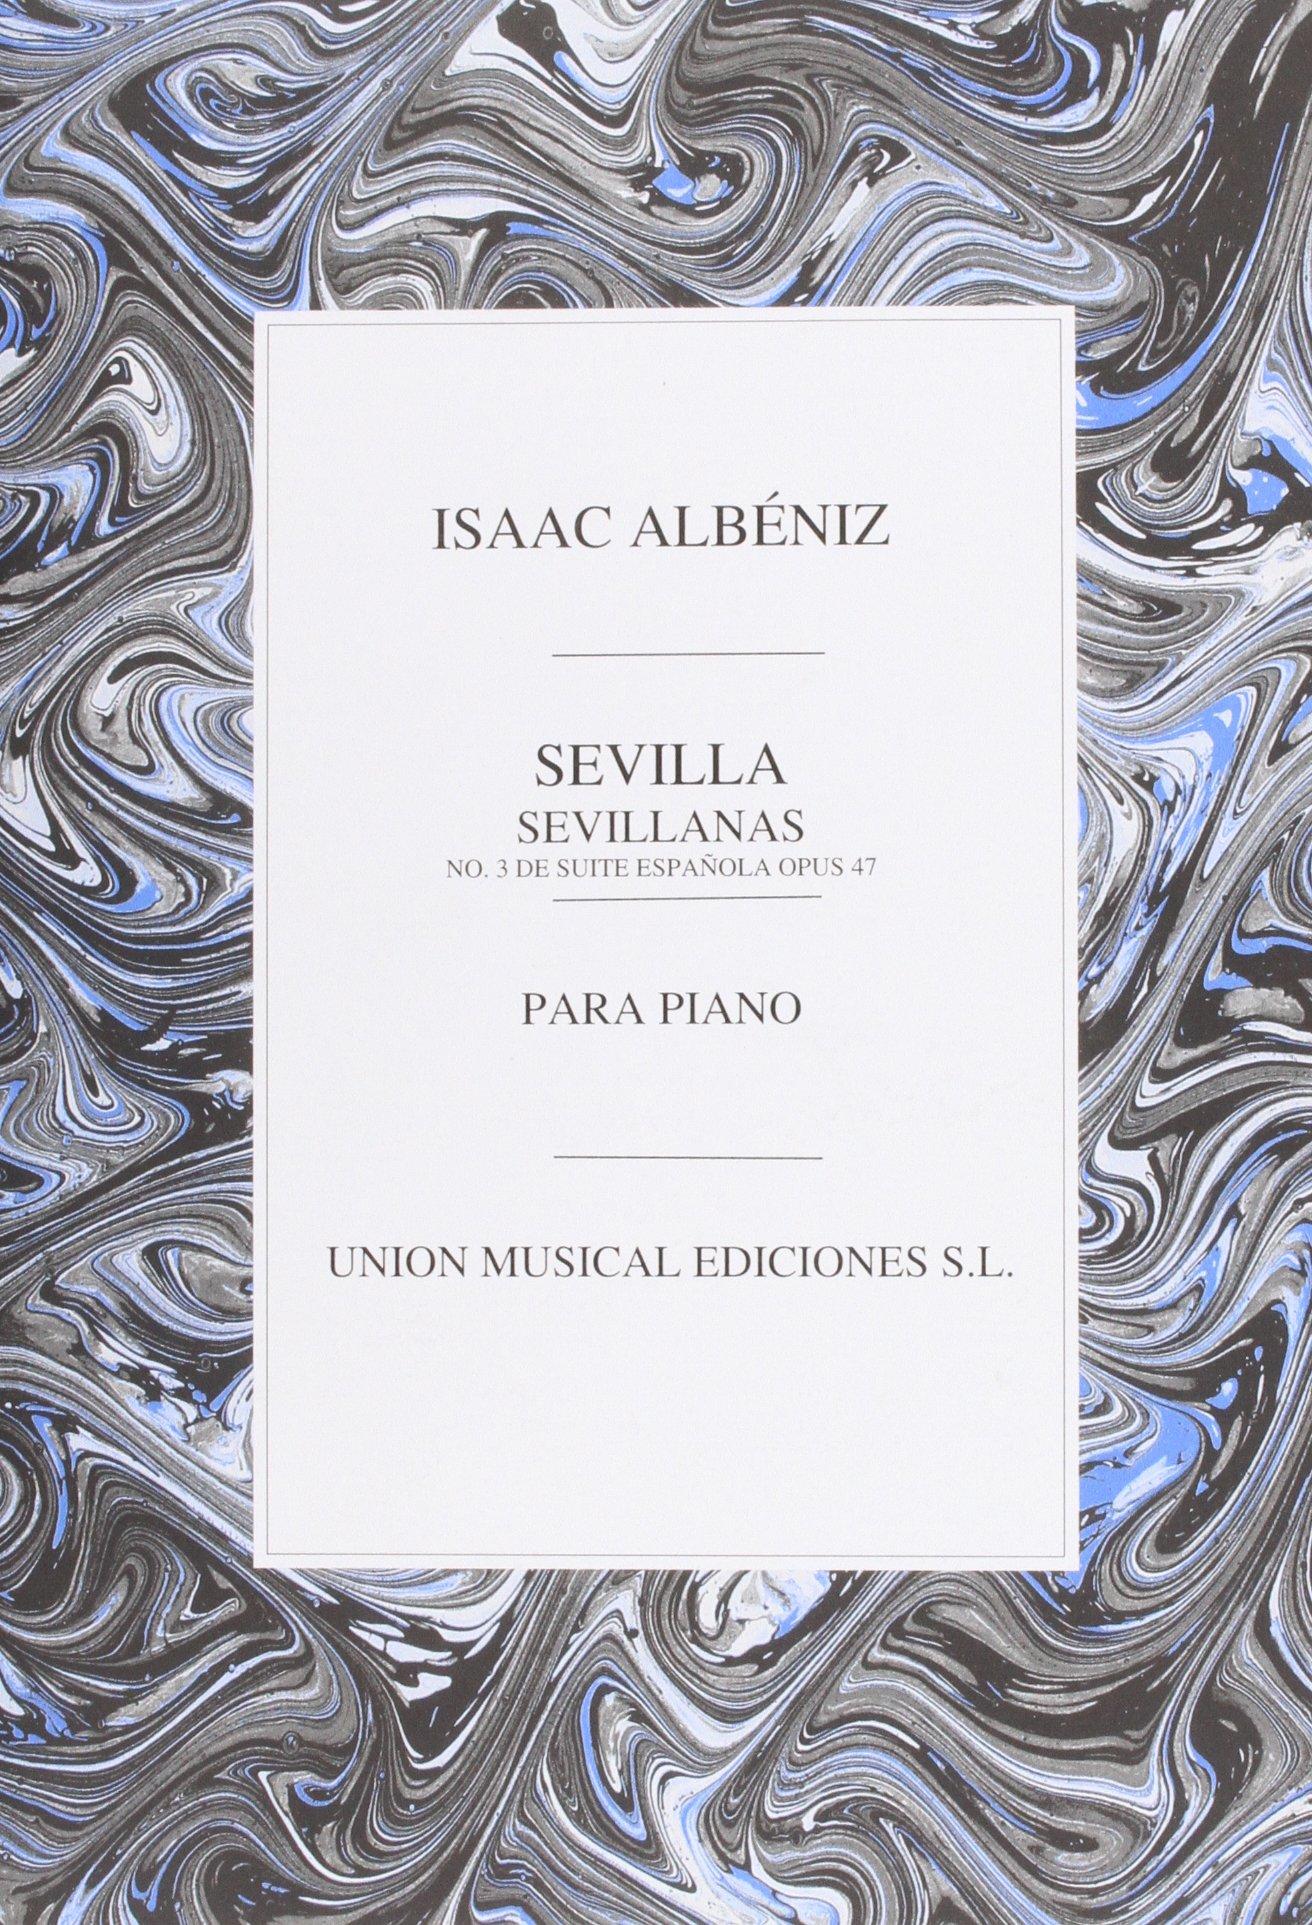 Download Albeniz Sevilla Sevillanas No.3 De Suite Espanola Piano pdf